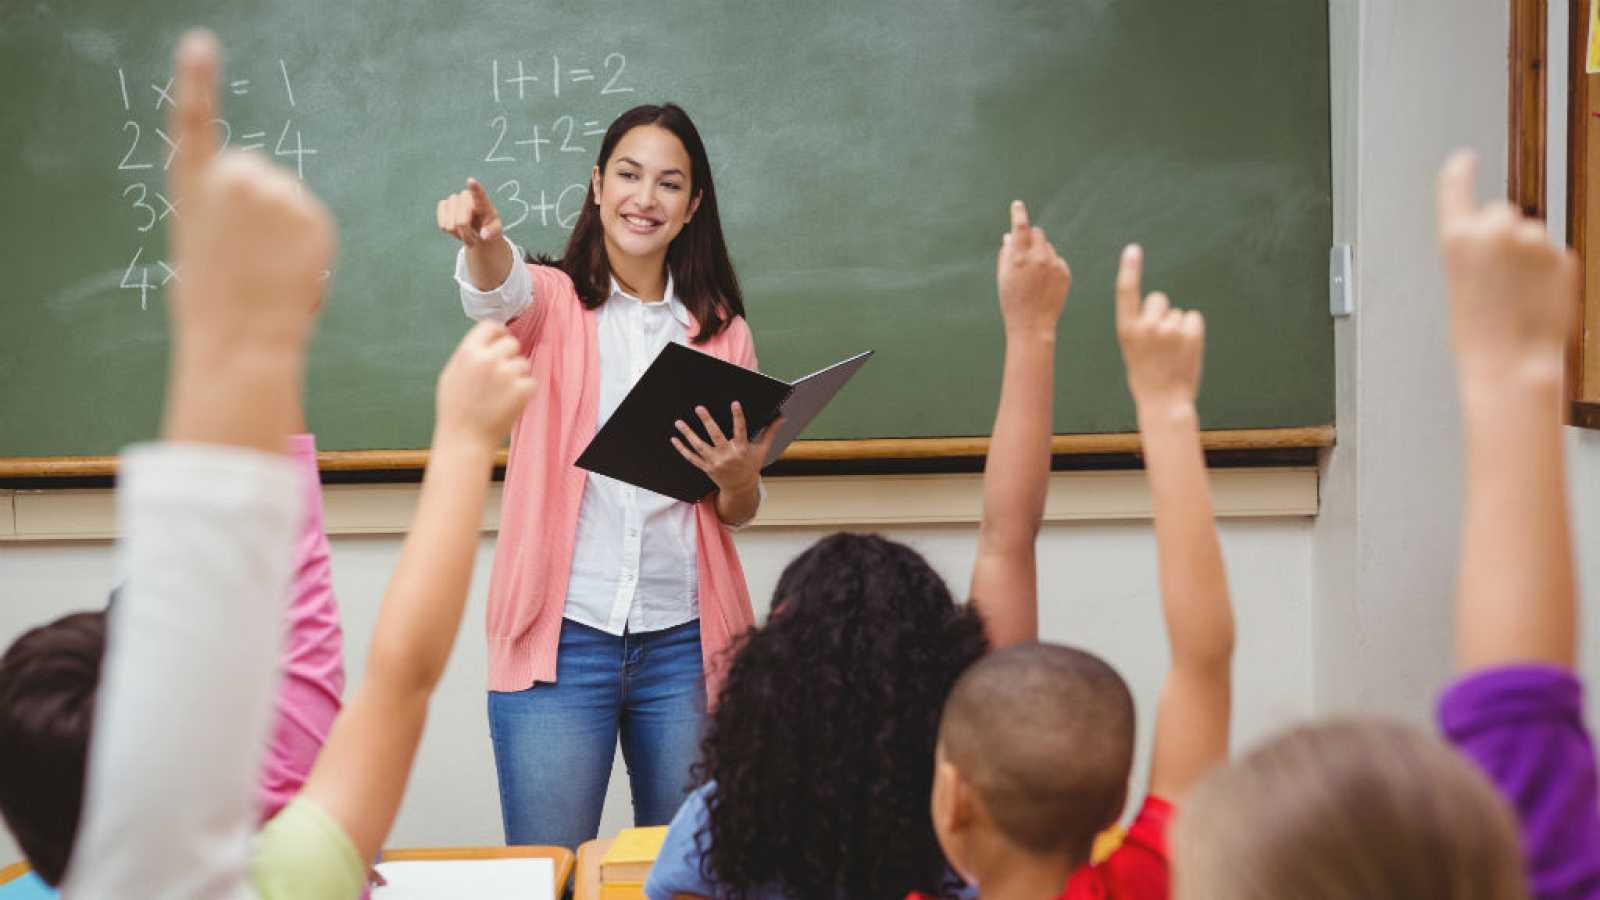 Boletines RNE - Los docentes españoles consideran más importante mejorar la enseñanza que aumentar sus salarios - Escuchar ahora